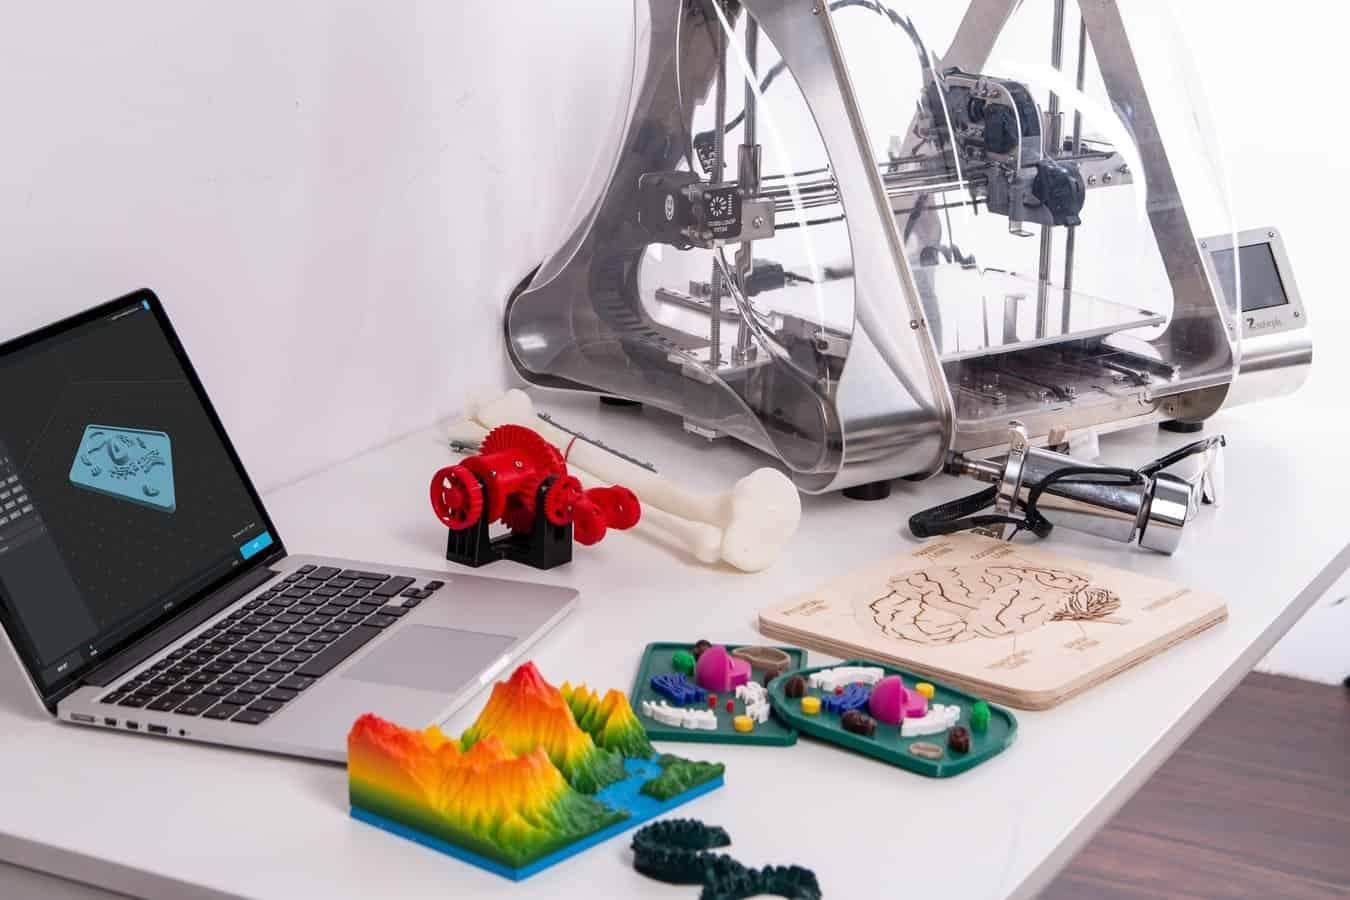 Best 3D Printer for Schools